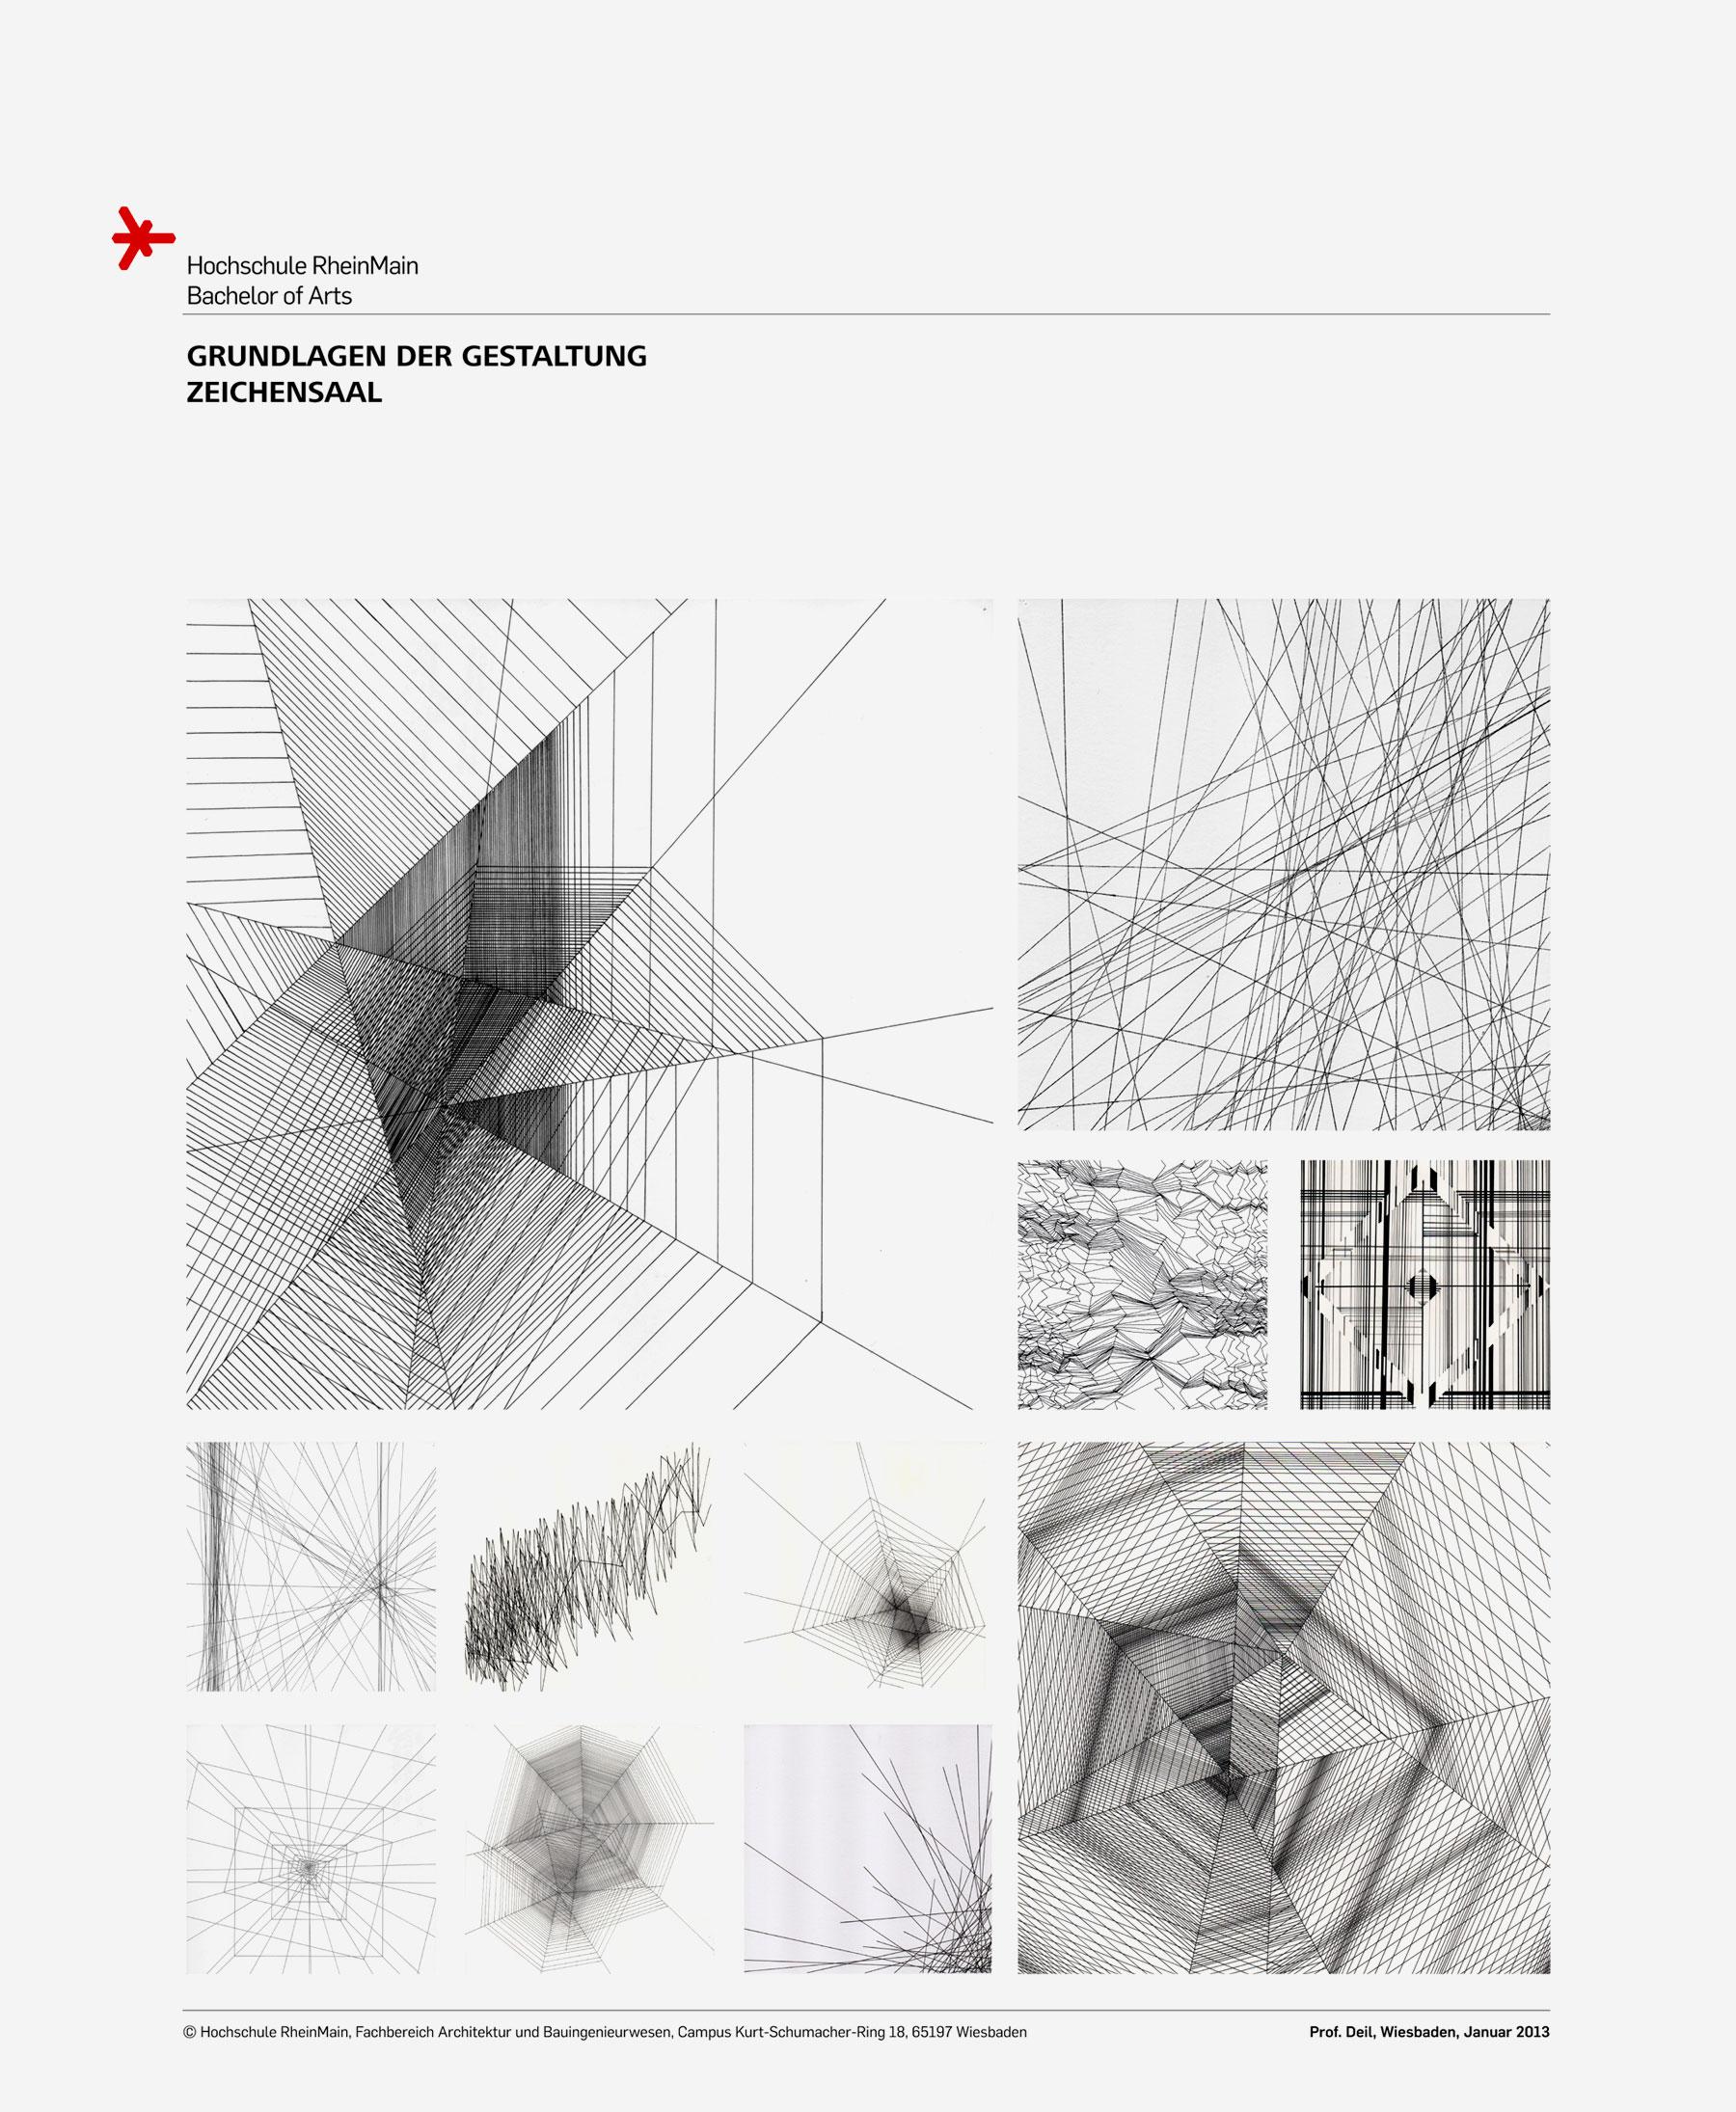 plakat-grundlagen-der-gestaltung-rudolf-deil-hsrm-13